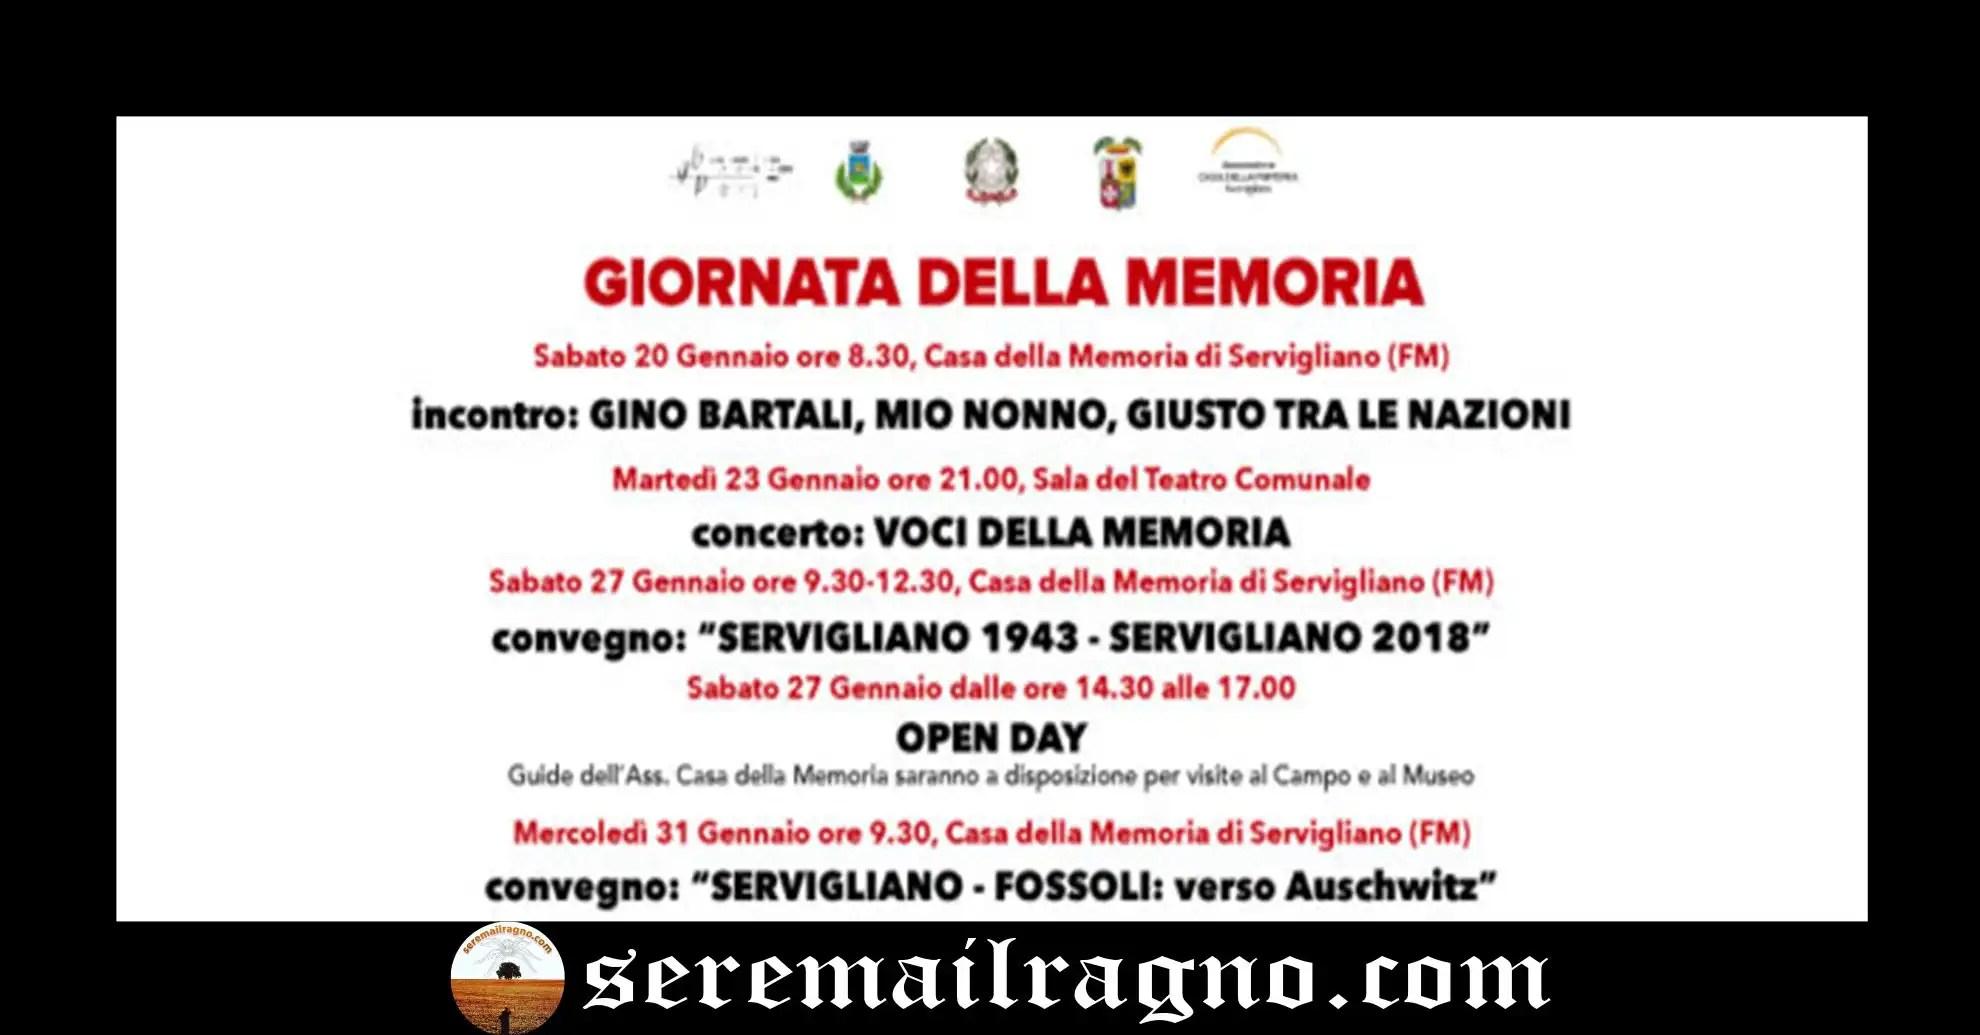 Giornata della Memoria 2018: Servigliano